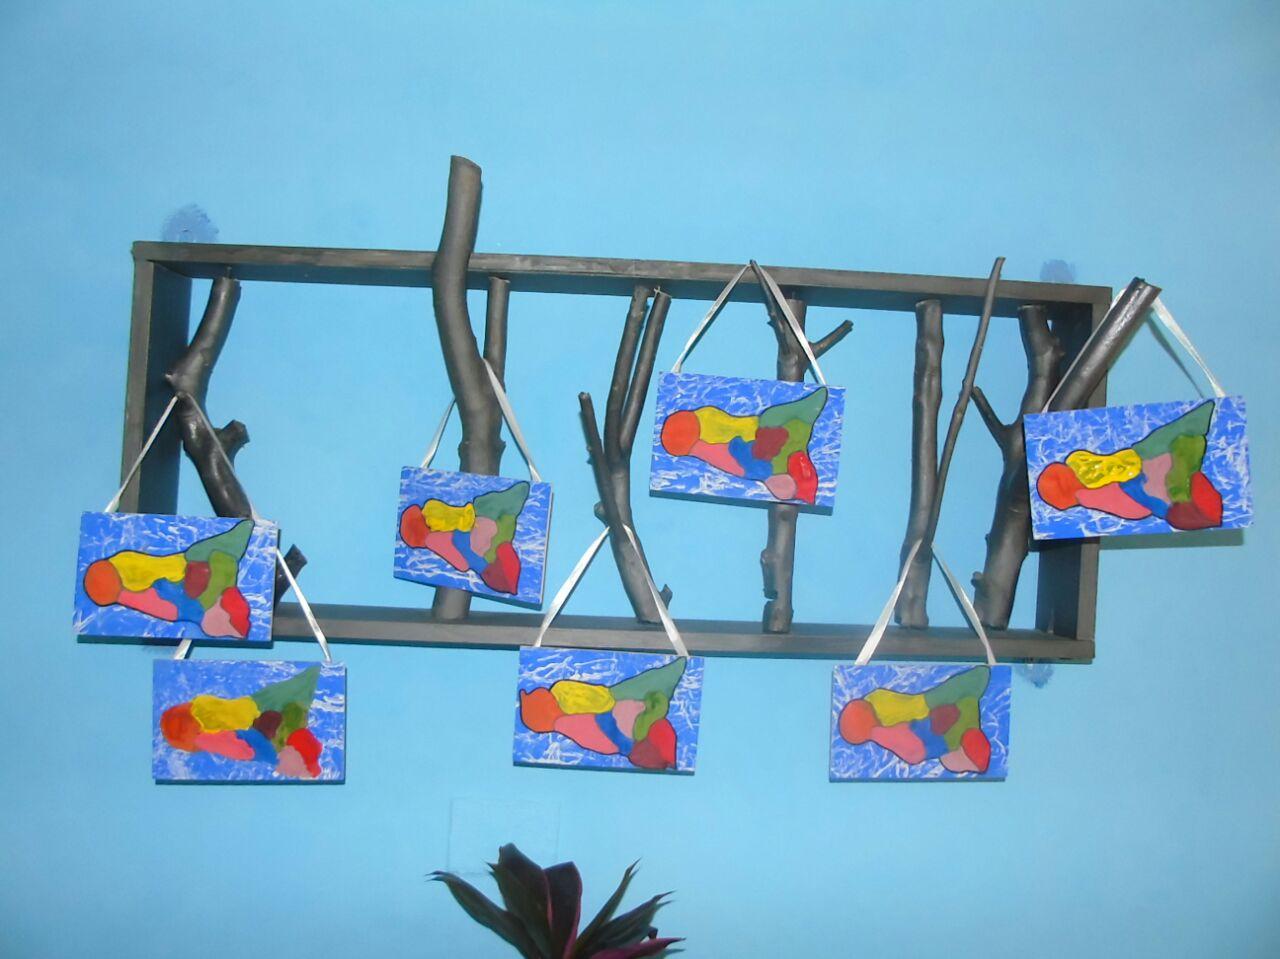 targhette con raffigurata la regione sicilia appese a dei rami